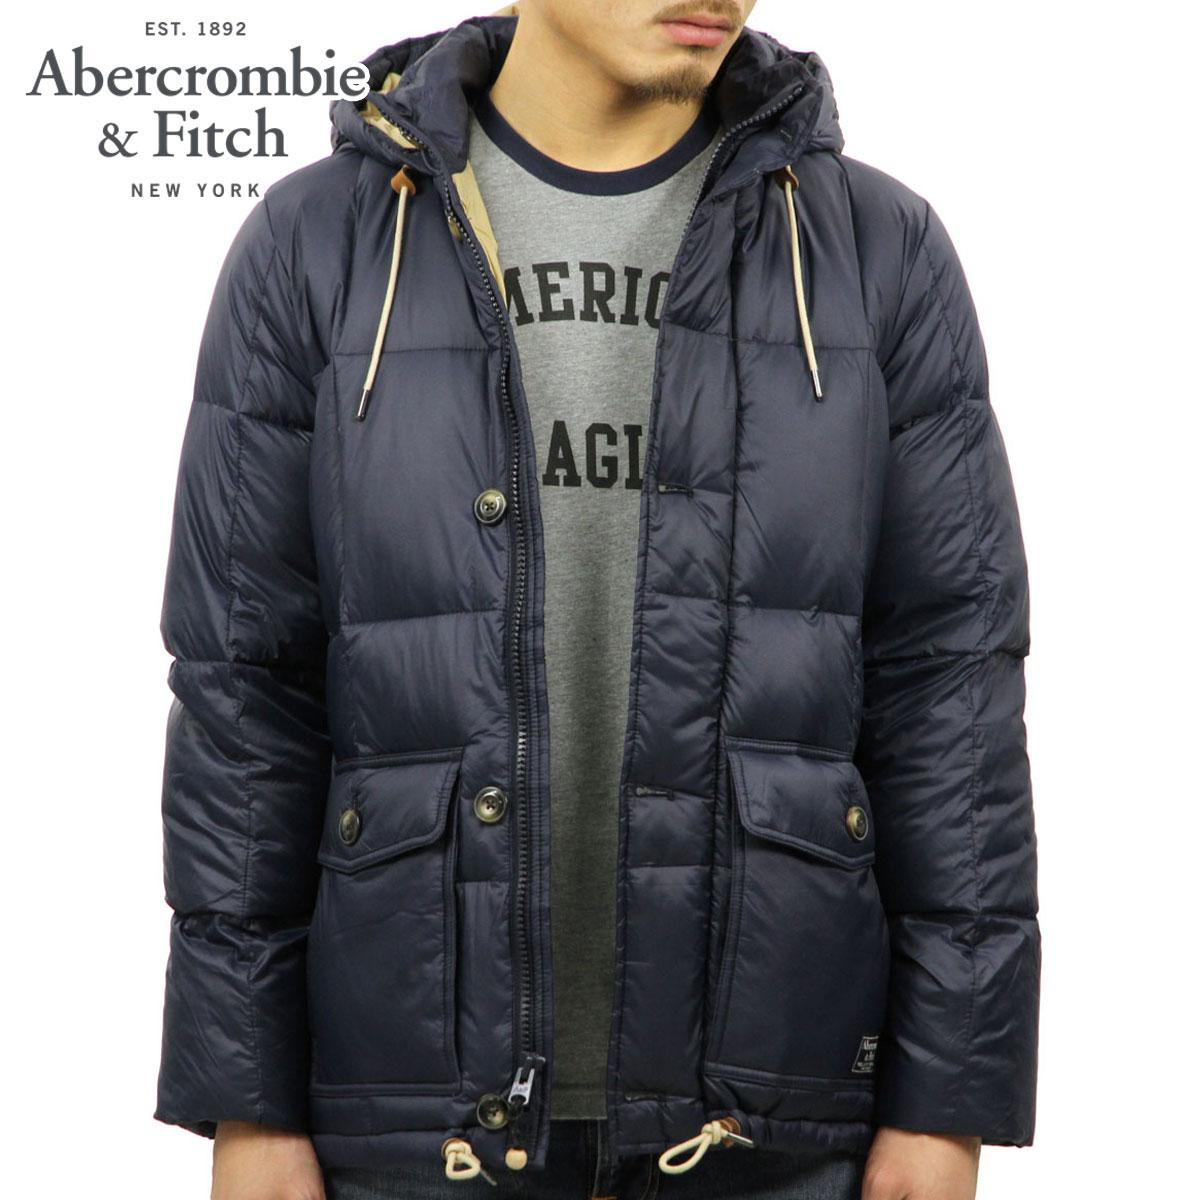 アバクロ Abercrombie&Fitch 正規品 メンズ アウター ダウンジャケット DOWN-FILLED PUFFER COAT 132-327-0407-200